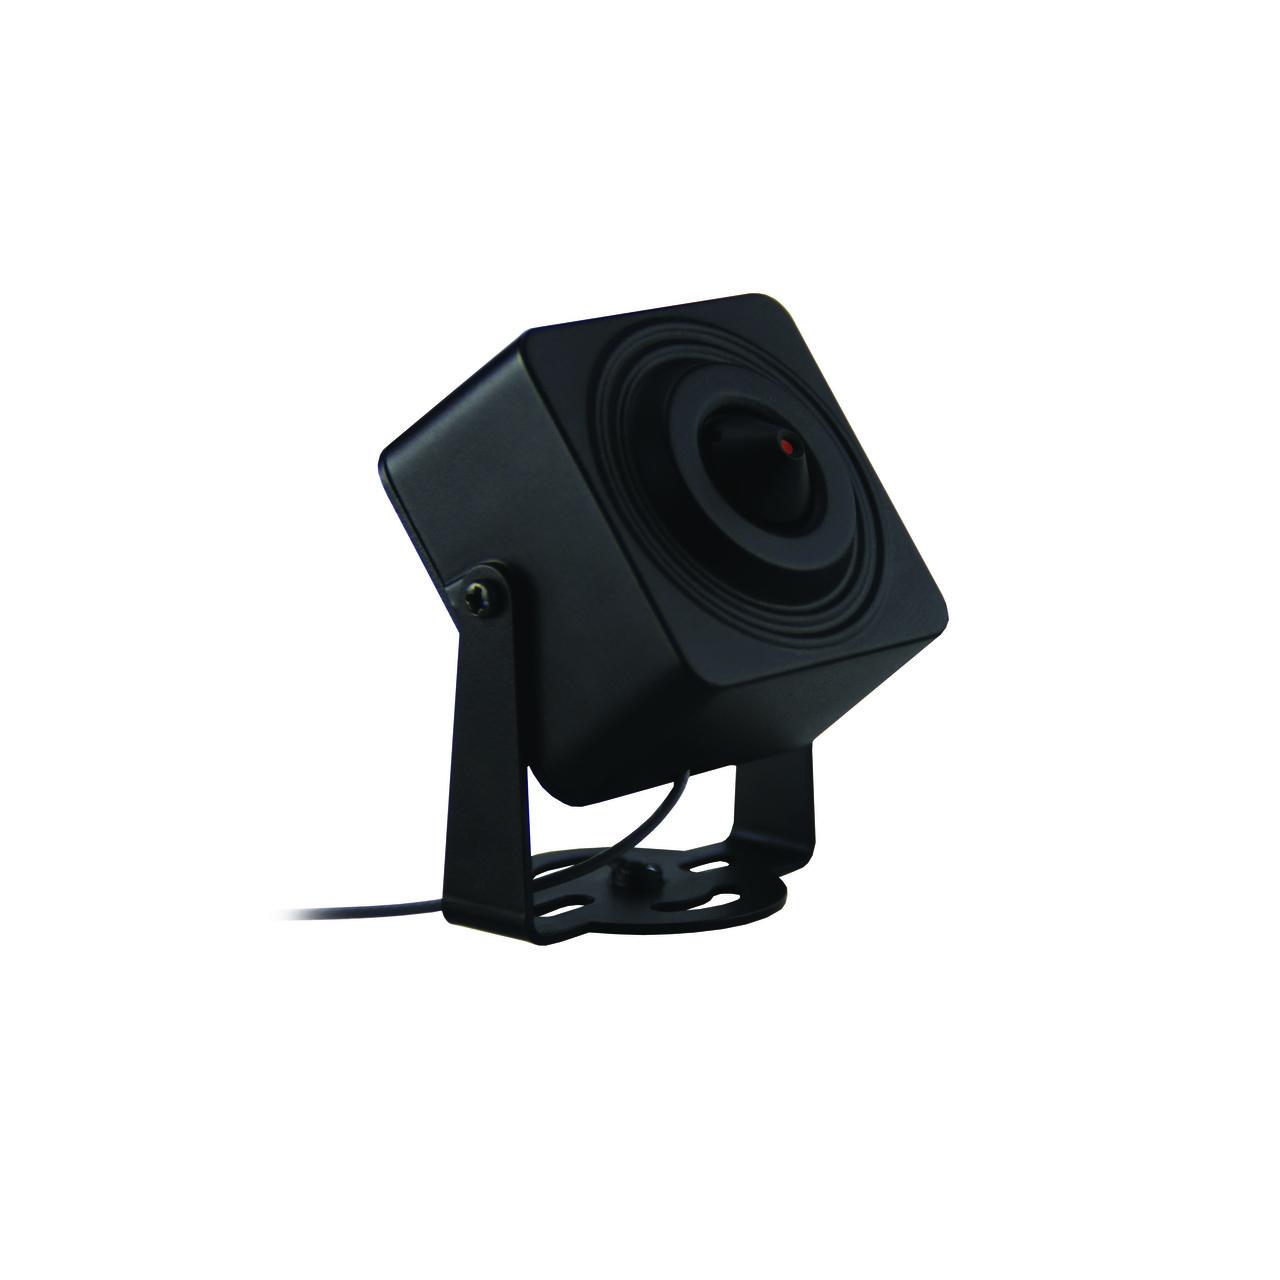 Мініатюрна IP відеокамера для внутрішнього відеоспостереження